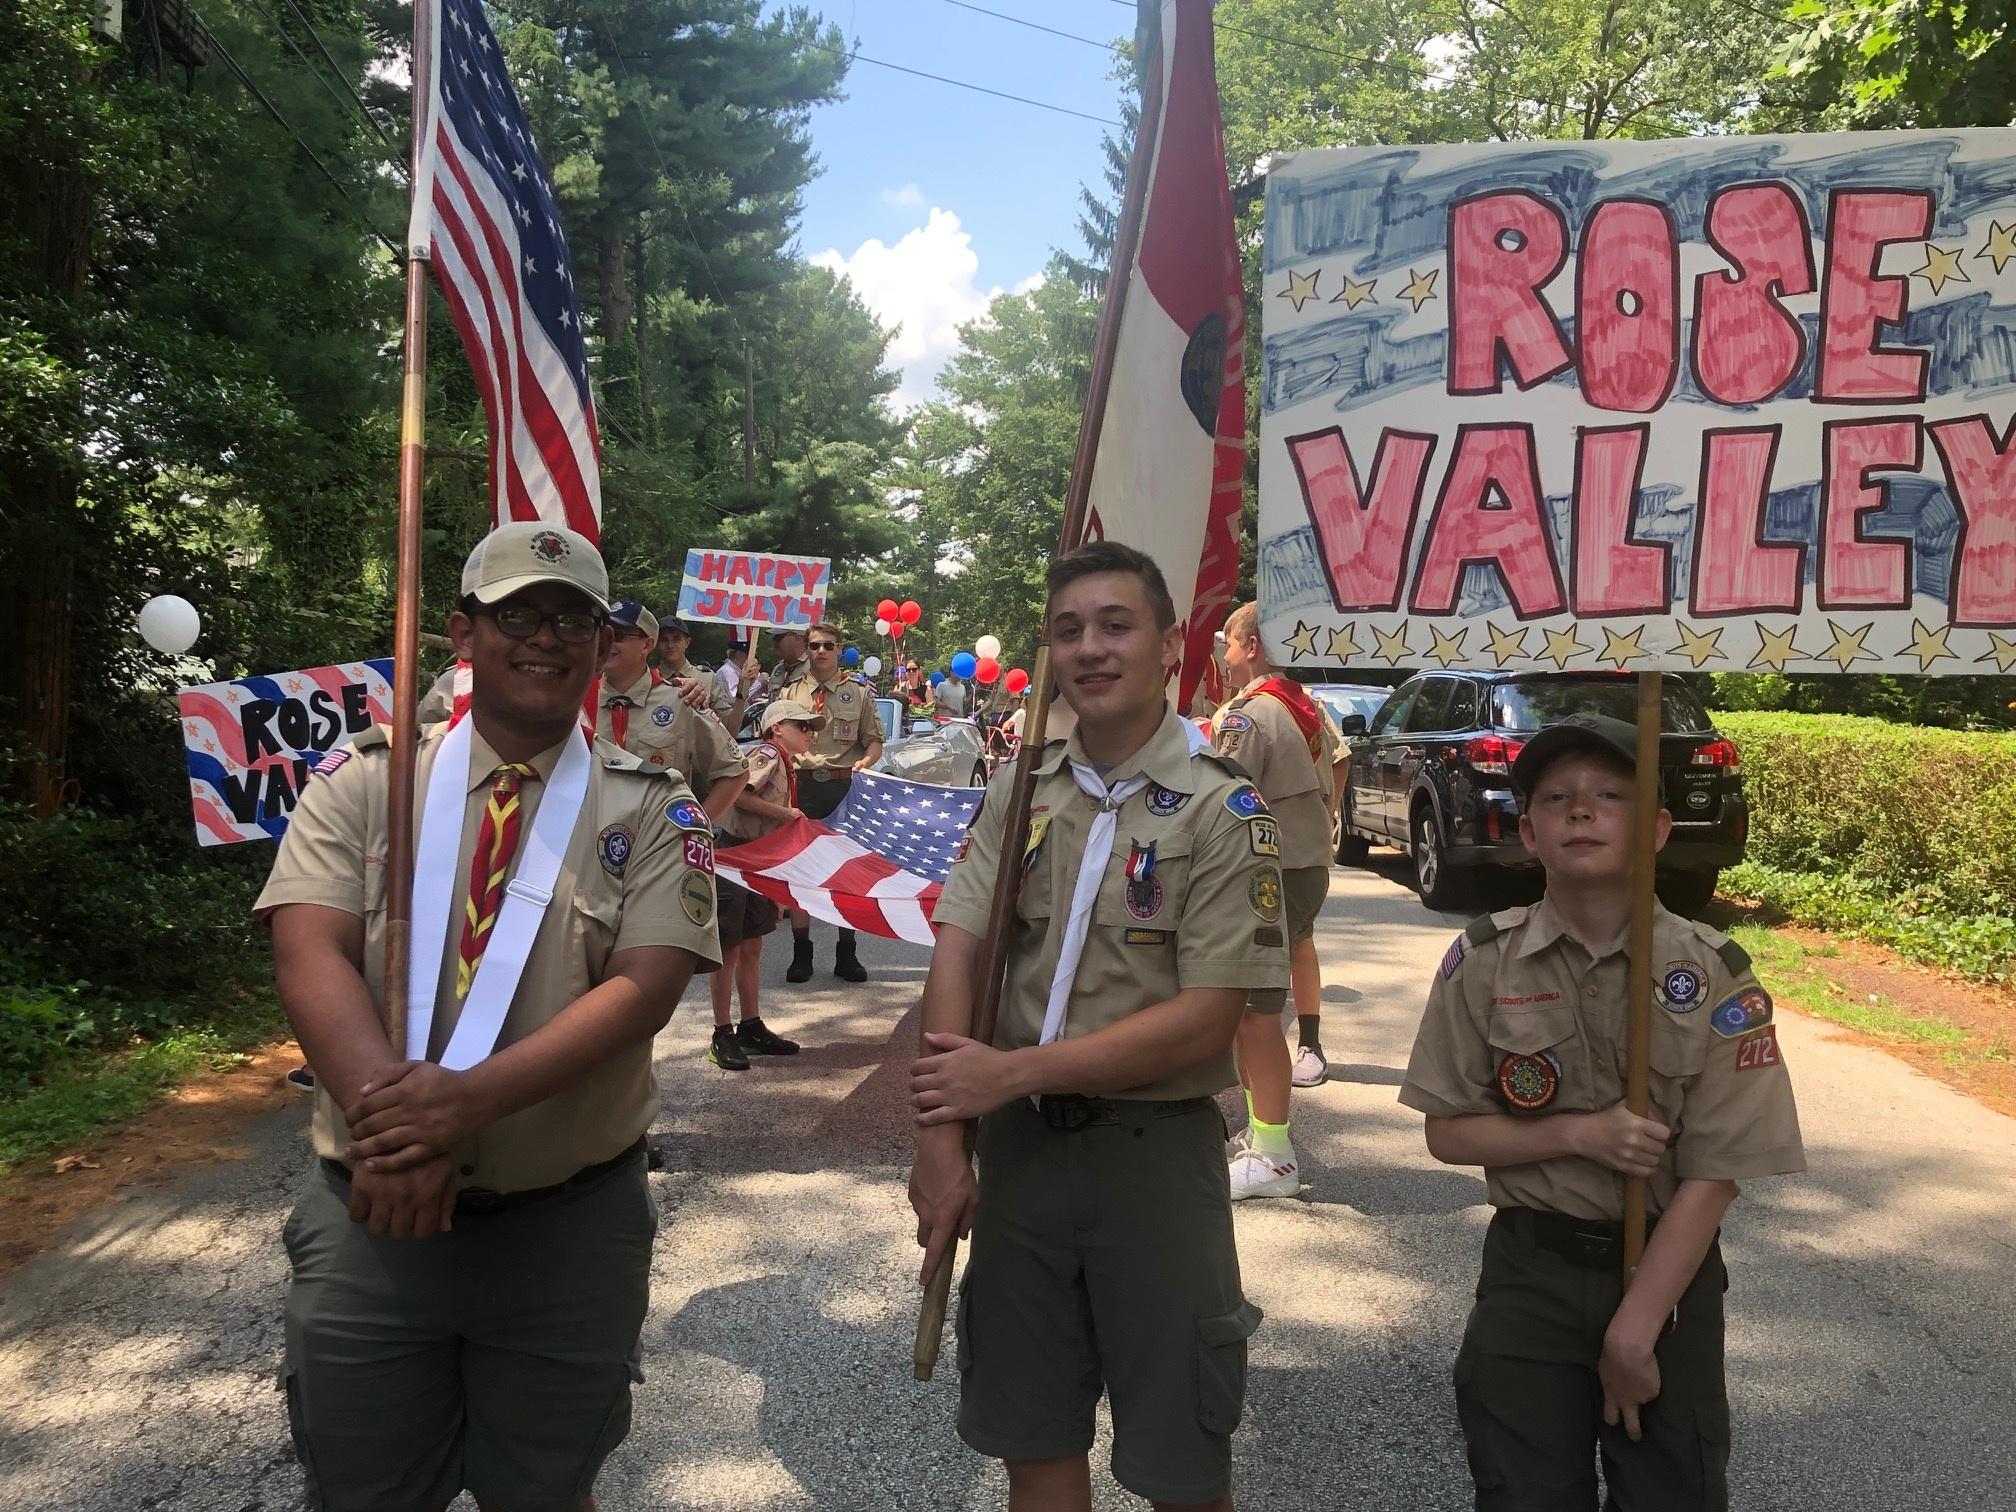 Members of troop 272 in Rose Valley